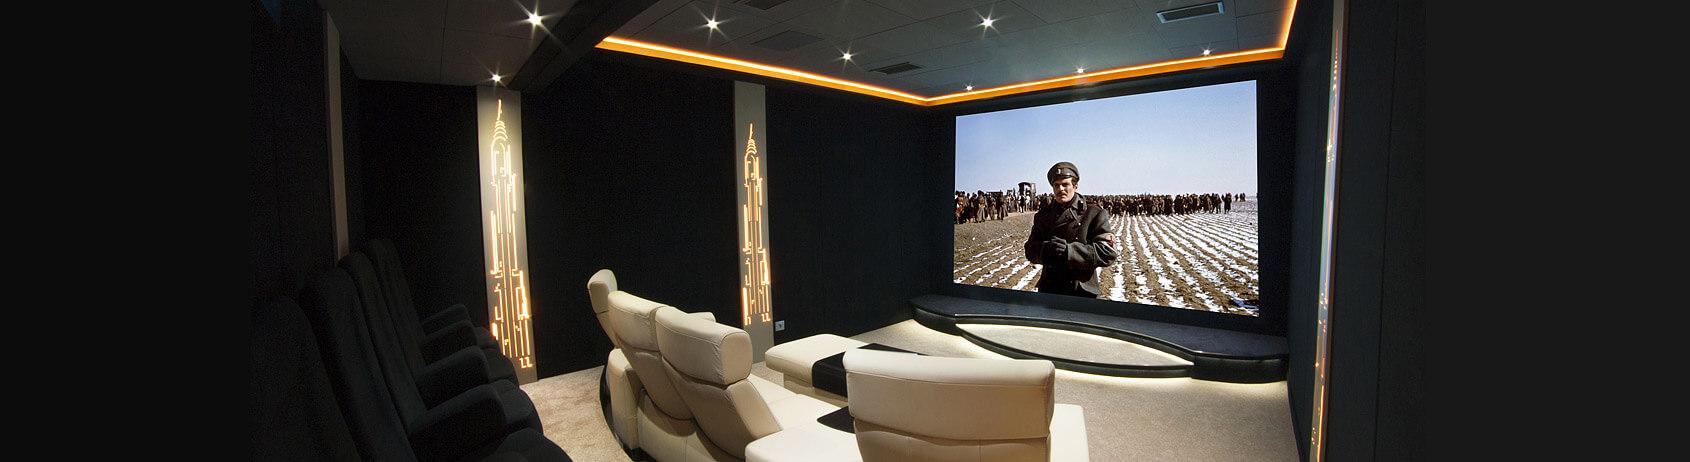 cr ation et am nagement de salle de cin ma priv e de luxe. Black Bedroom Furniture Sets. Home Design Ideas